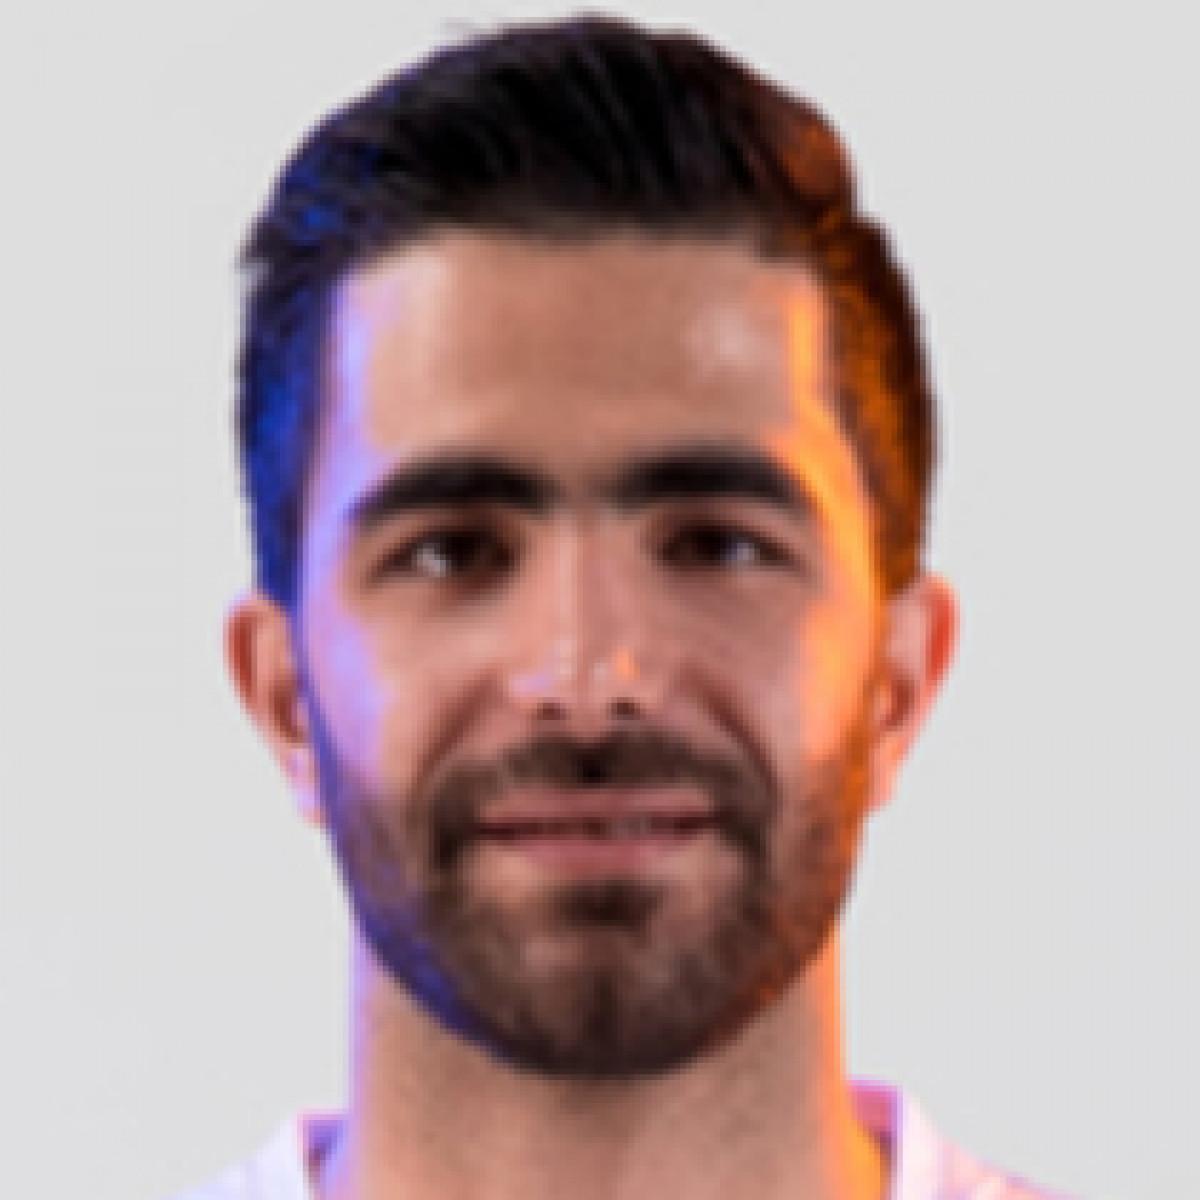 Behnam Yakhchali Dehkordi